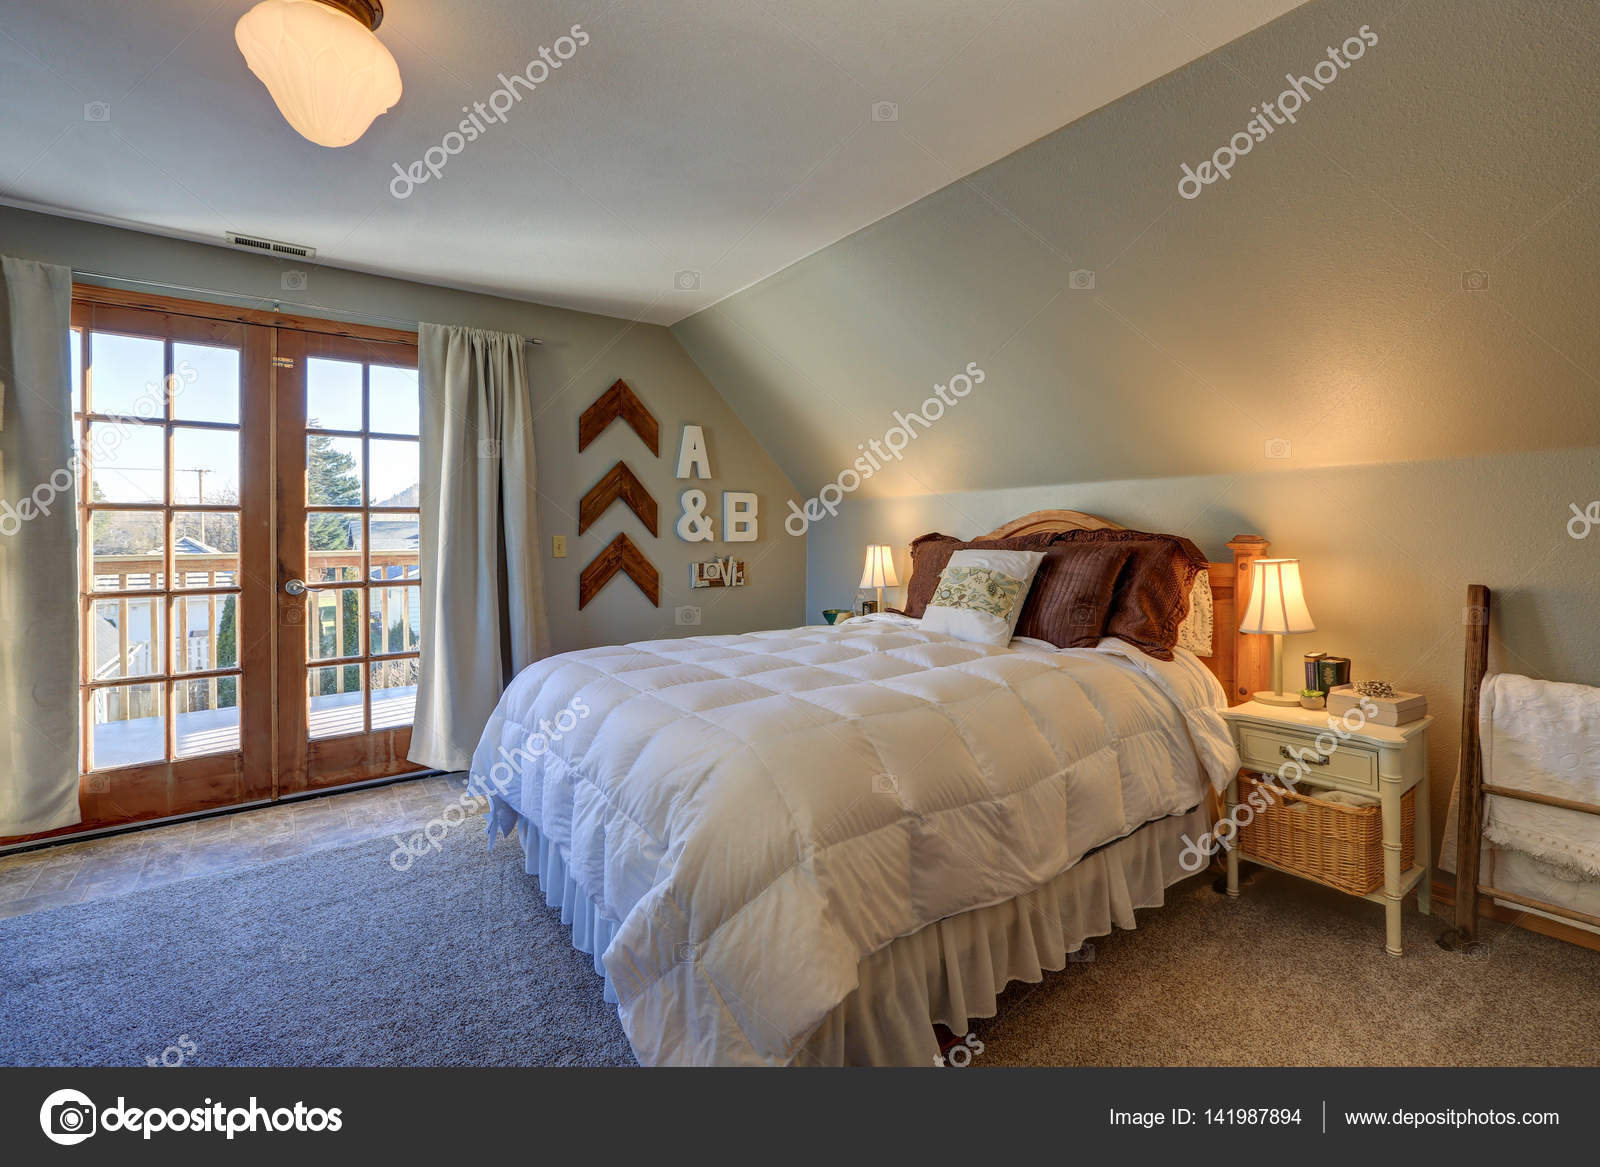 Ruhigen Schlafzimmer Im Obergeschoss Mit Dachschräge Und Doppelten  Glastüren, Schöne Terrasse, Mit Weißen Bett Garniert Mit Braunen Kissen  Ausgestattet.